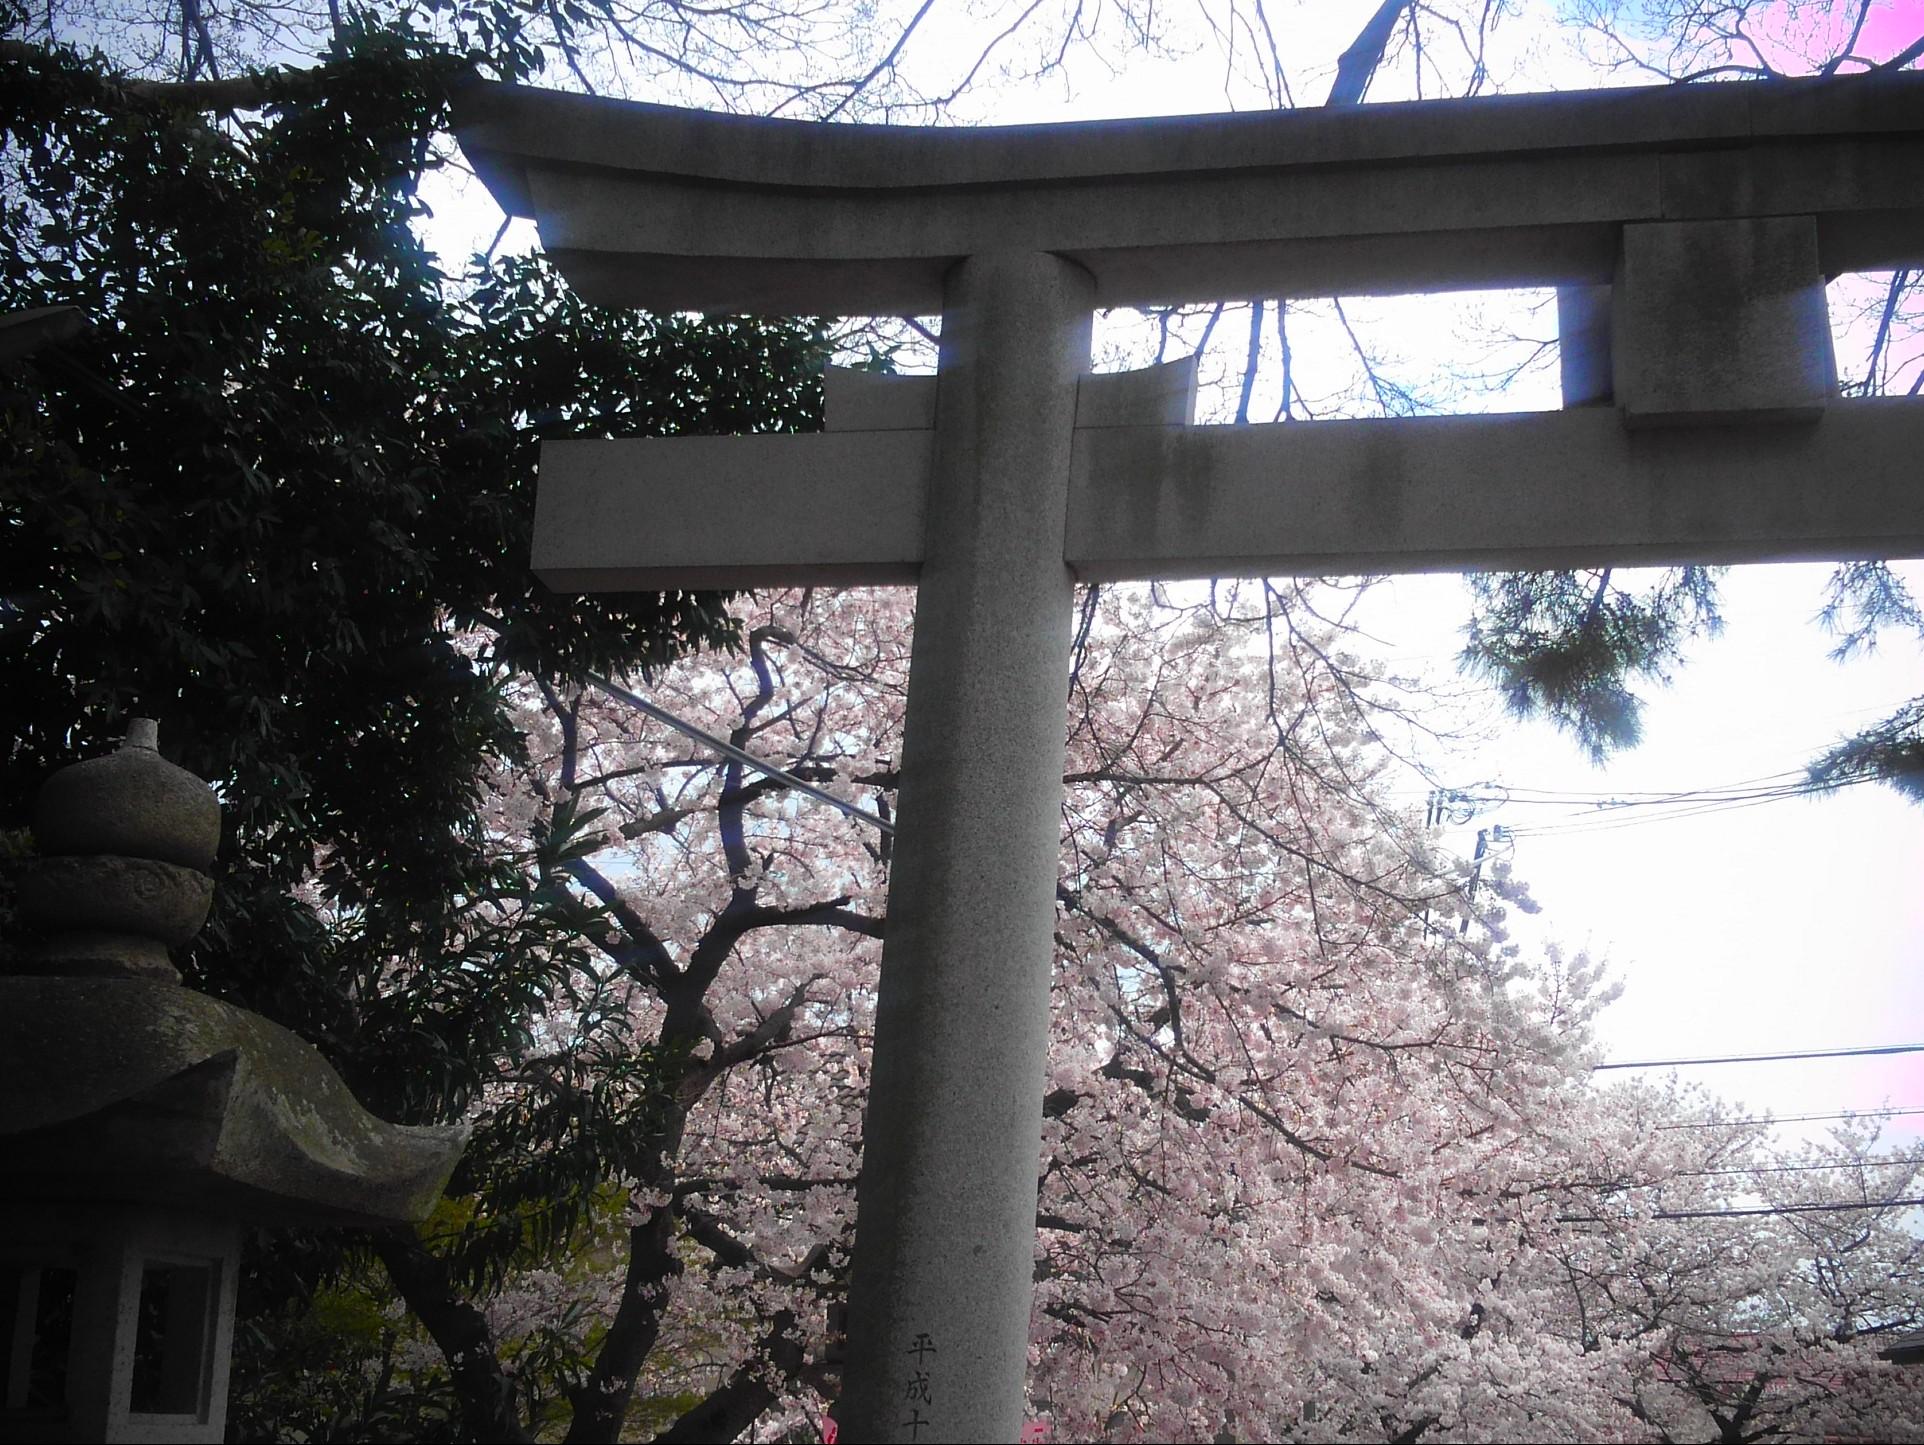 神戸・御影の弓弦羽神社で2017年4月2日「御影花びらまつり」が開催されるよ【※写真付告知】